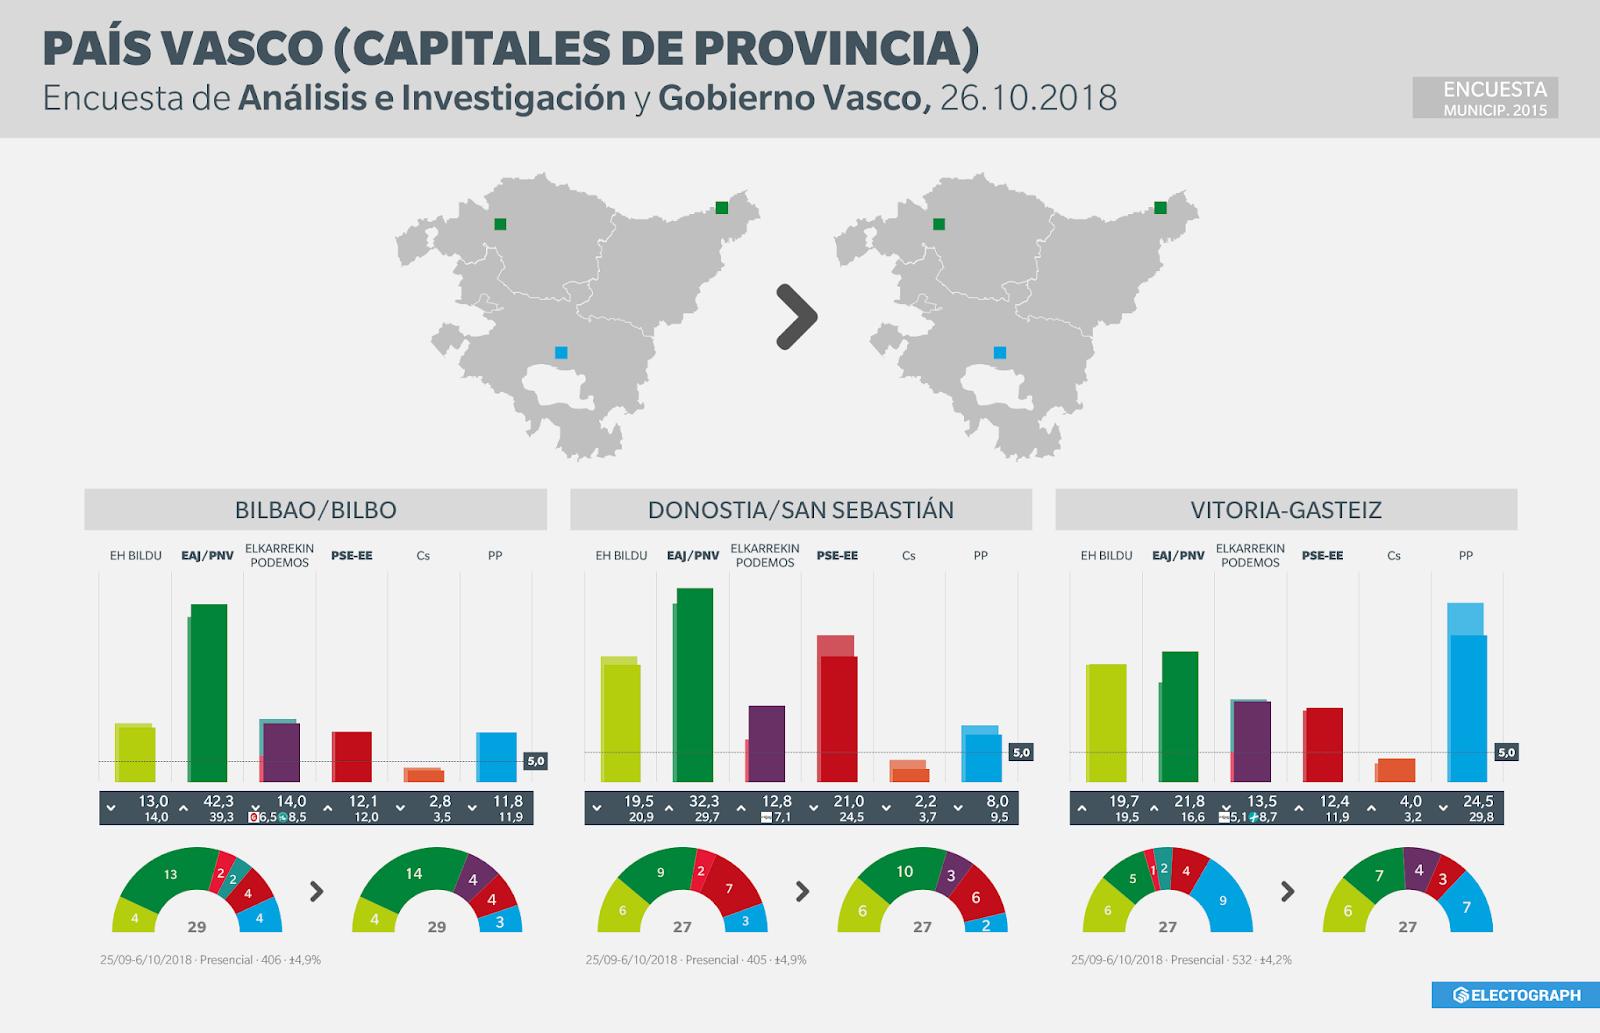 Gráfico de la encuesta para elecciones municipales en Bilbao, Donostia/San Sebastián y Vitoria-Gasteiz realizada por Análisis e Investigación y el Gobierno Vasco en octubre de 2018